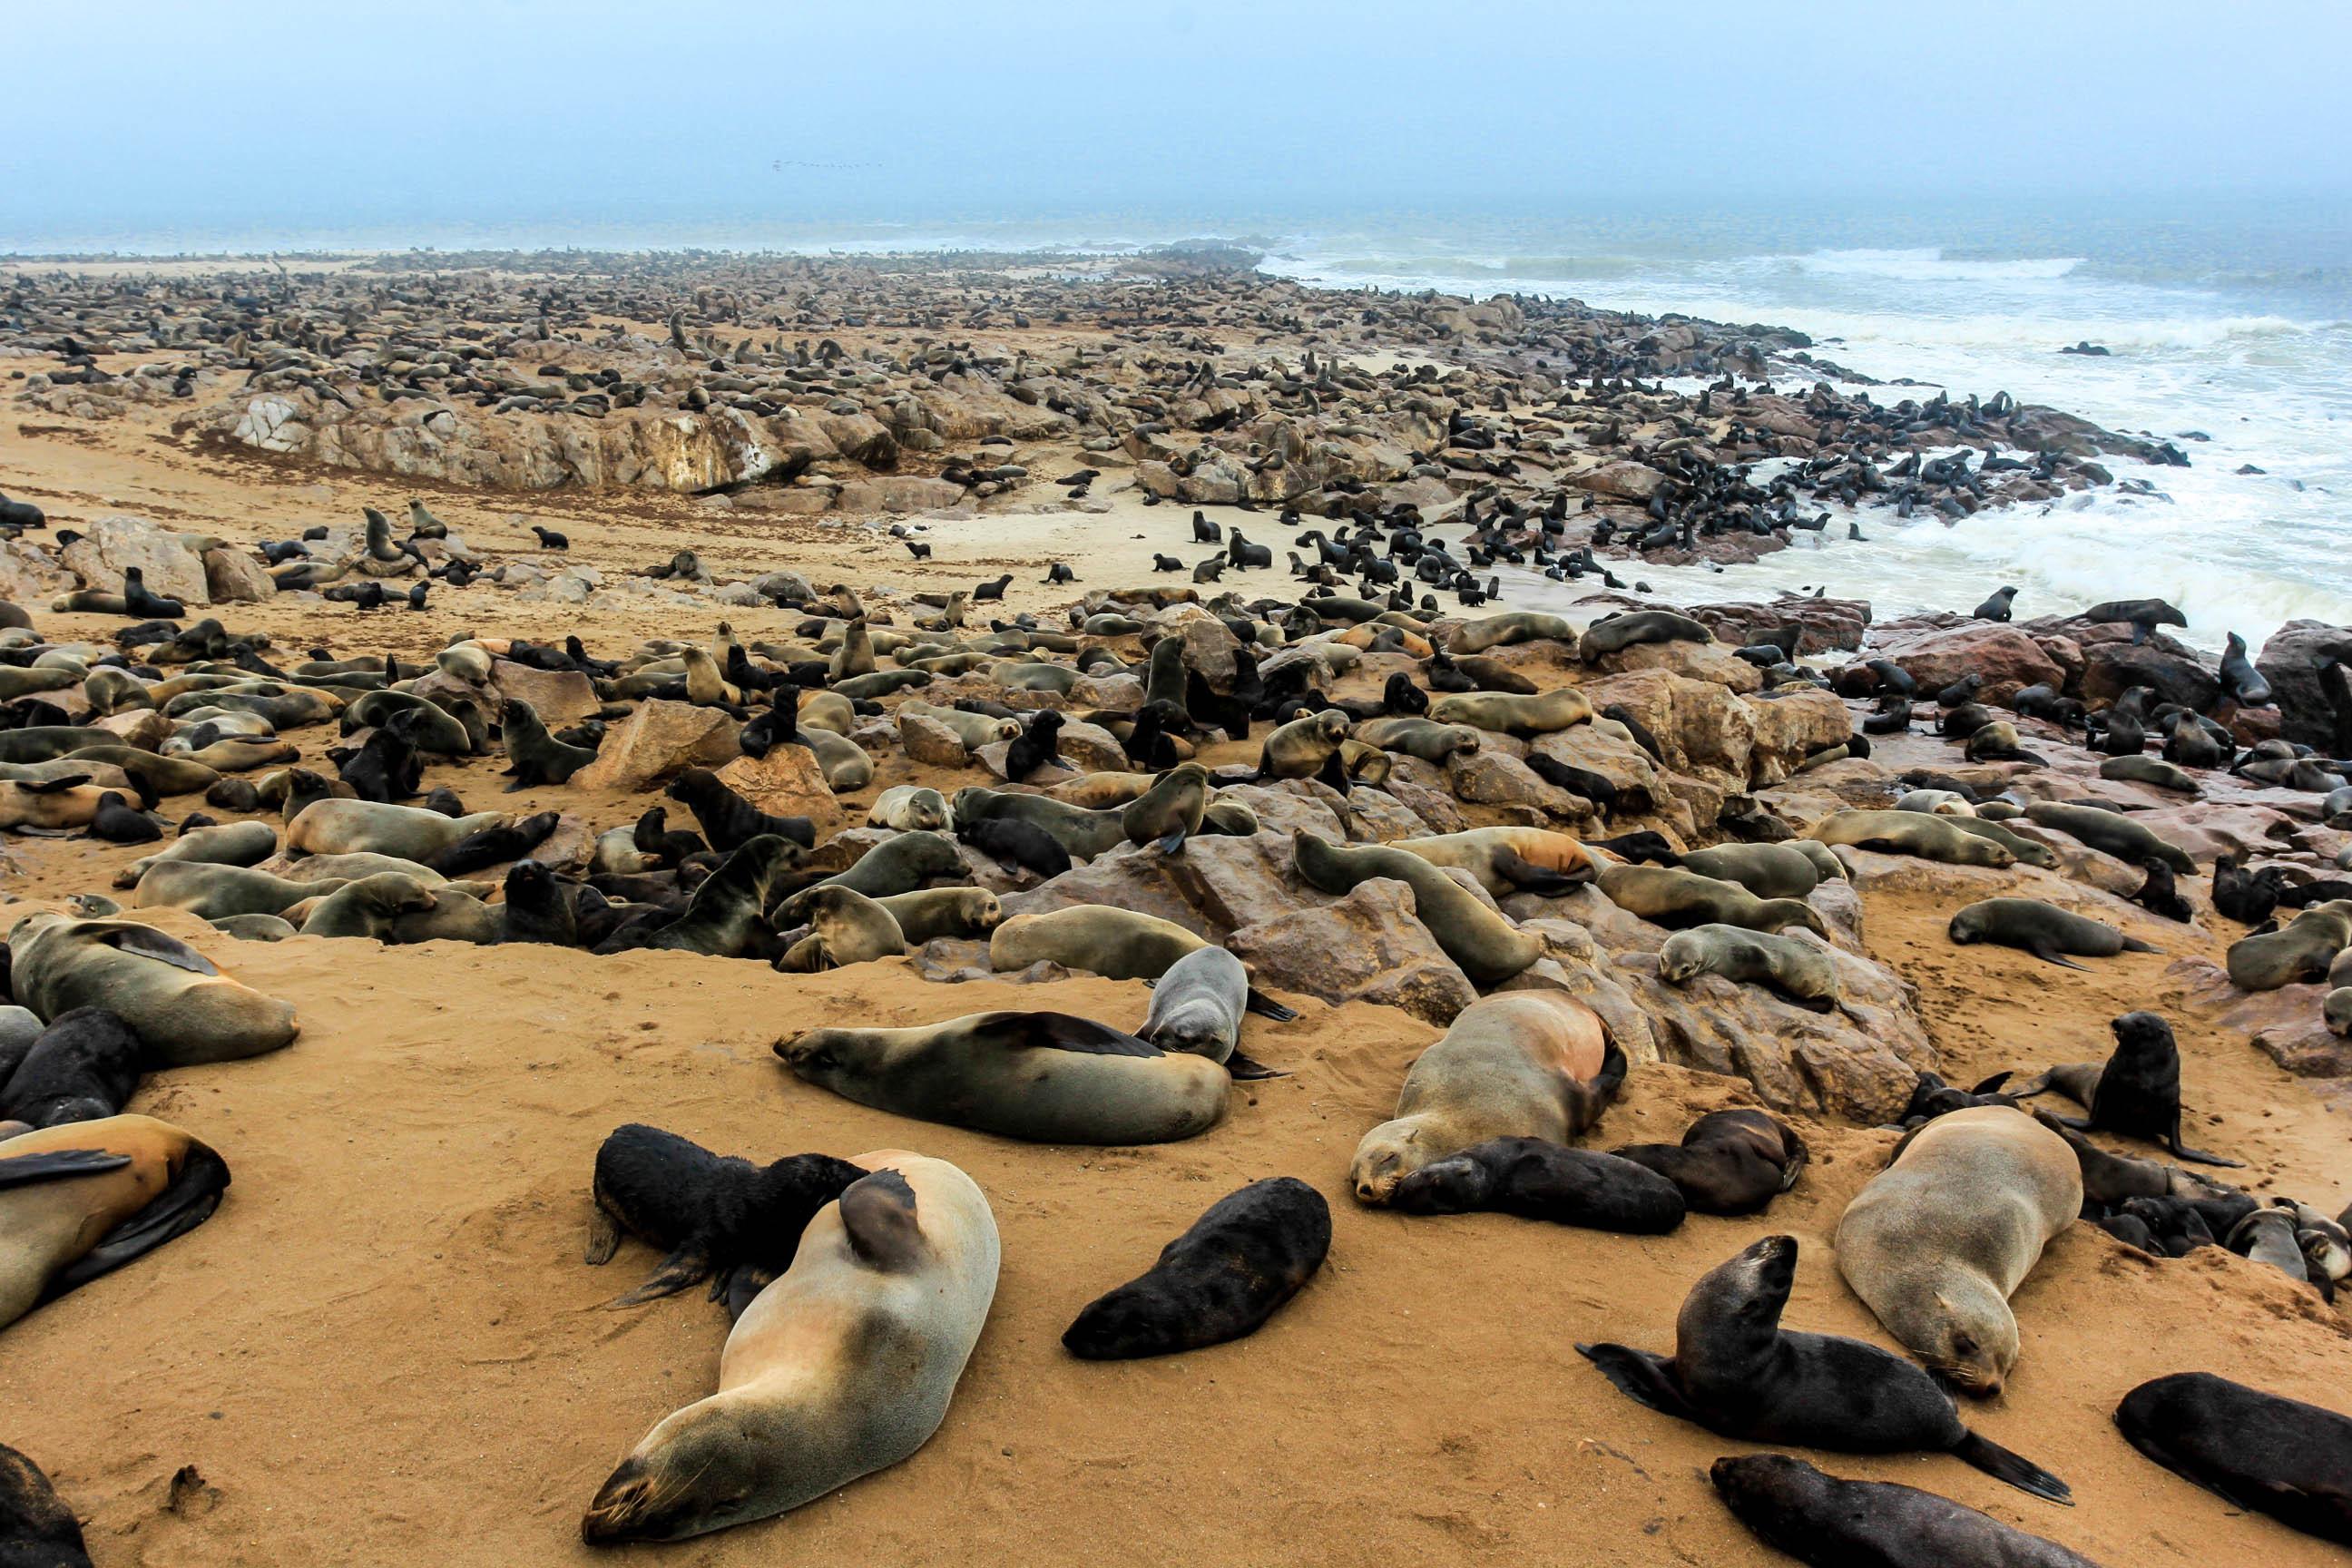 十字角海豹滩:20多万只海豹同时在一片海滩上是一种怎样的场面?